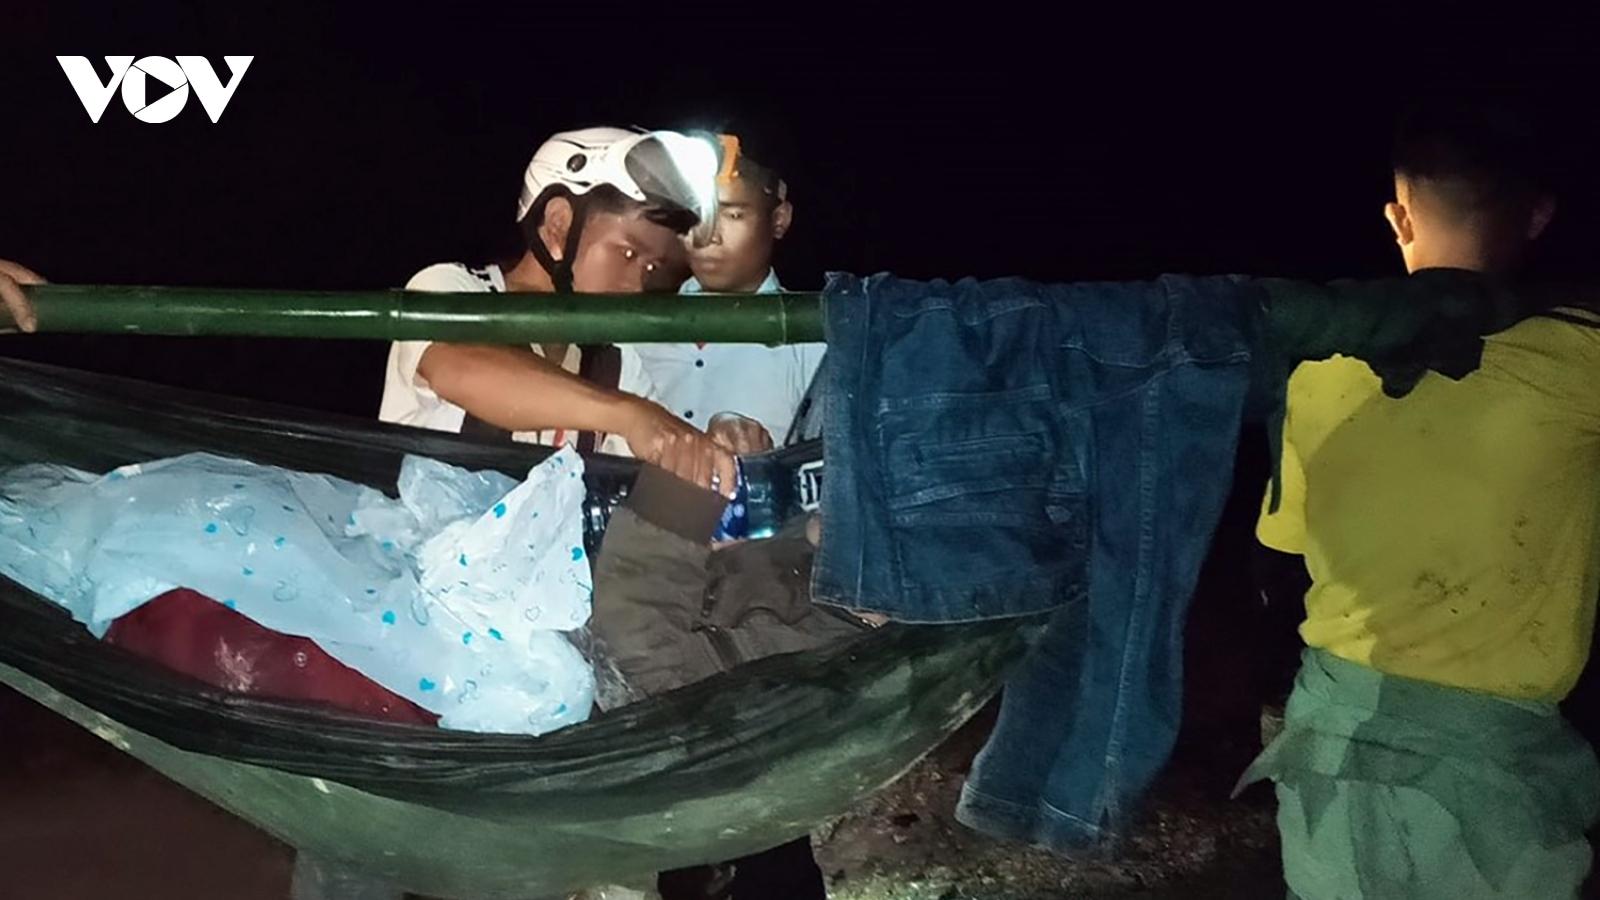 Hàng chục người khiêng một bệnh nhân đi cấp cứu trong đêm